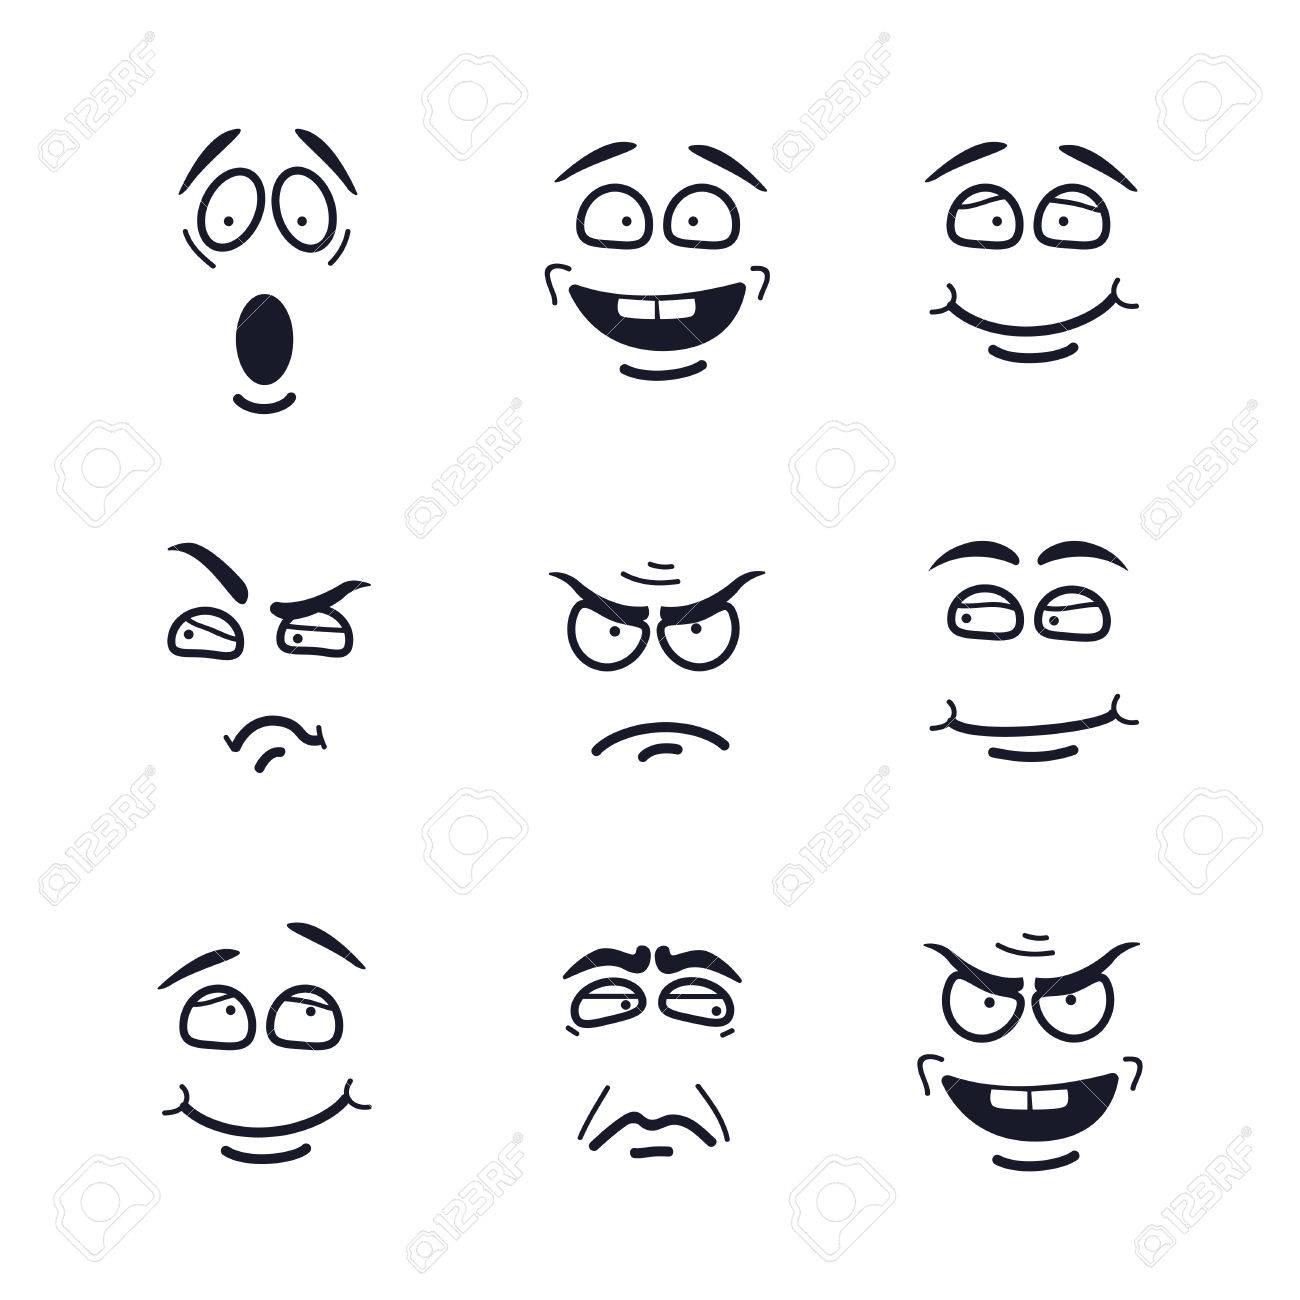 Groß Emotion Gesichter Malvorlagen Bilder - Malvorlagen Von Tieren ...